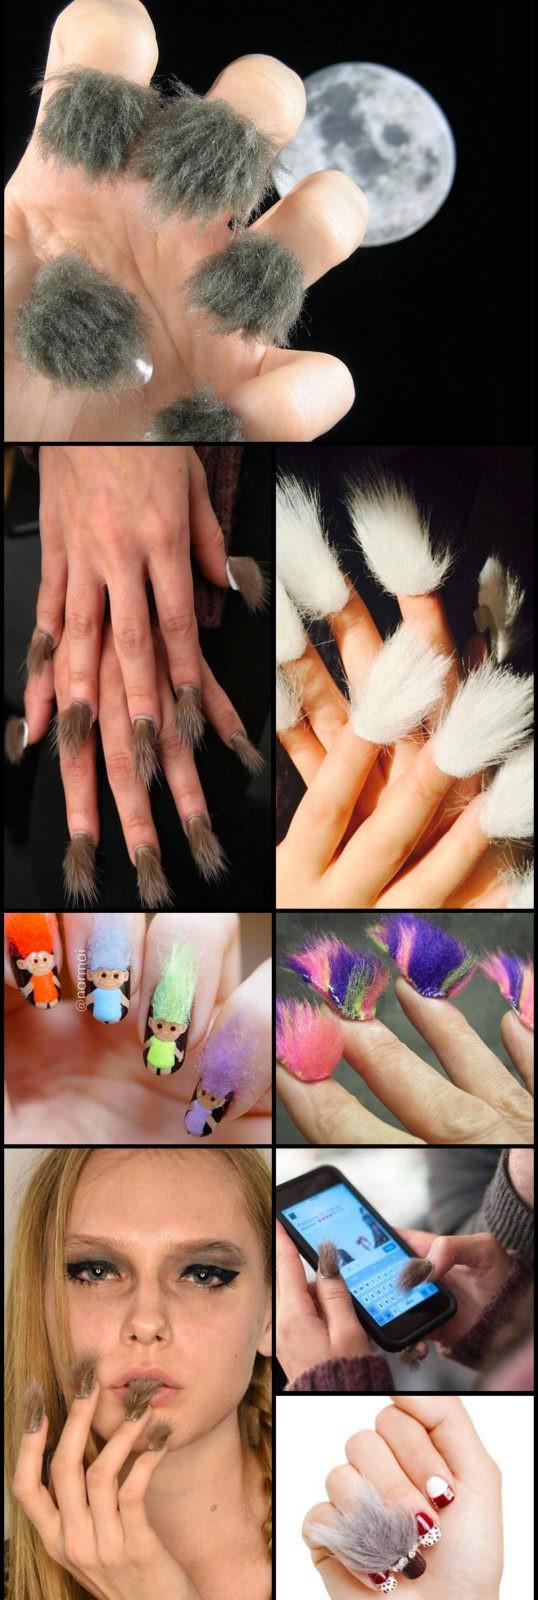 unhas-peludas-furry-nails-uñas-peludas